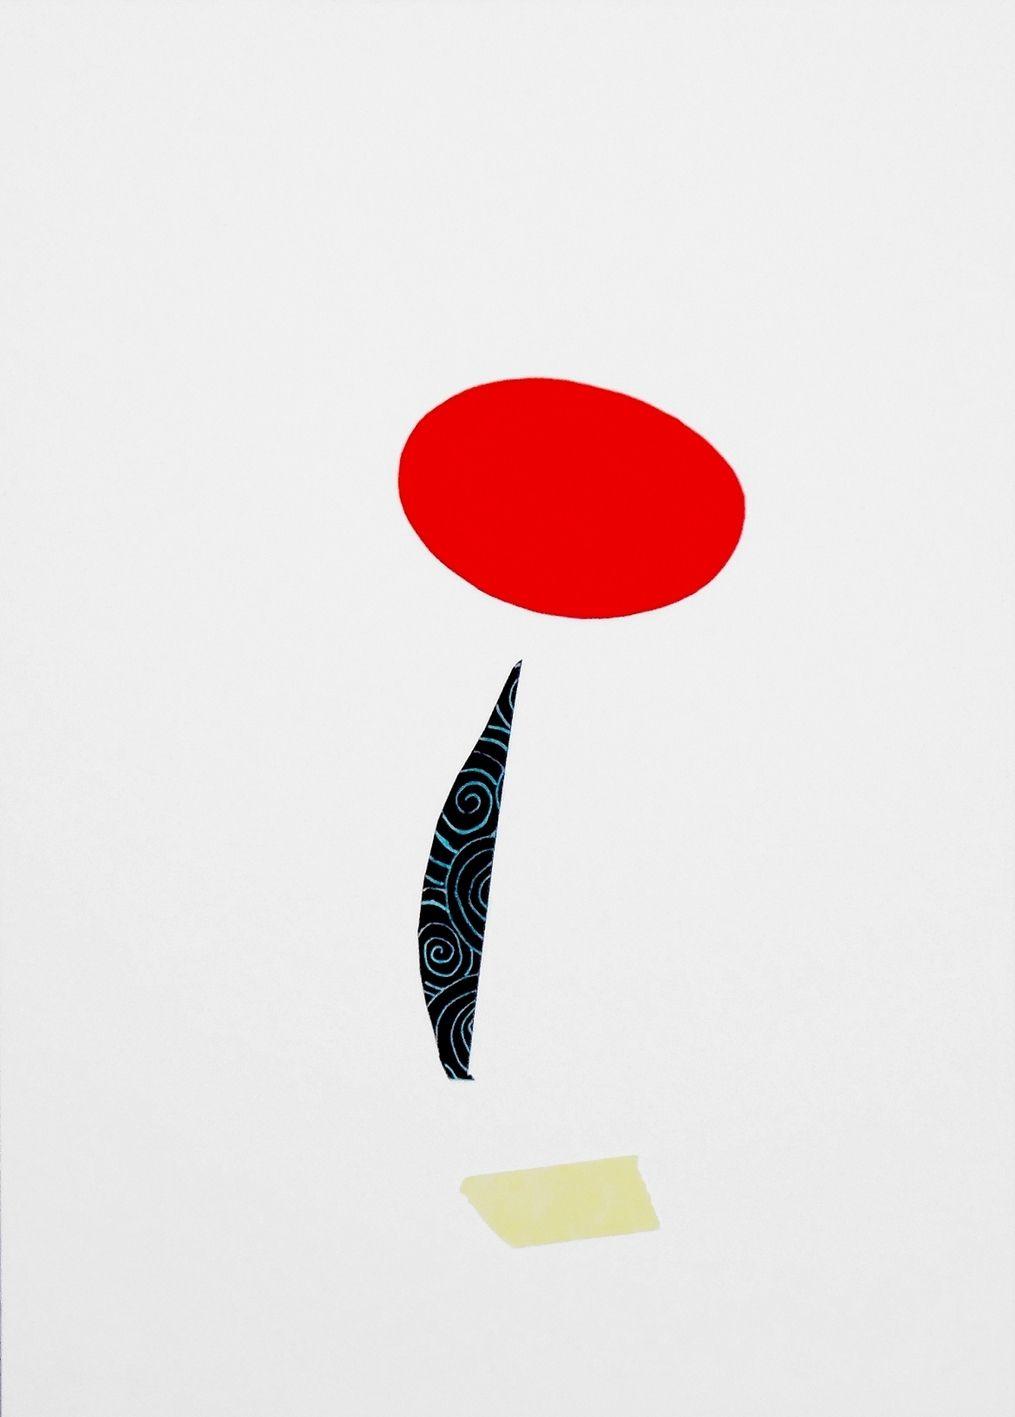 """andrea mattiello """"me"""" pennarello e collage su cartoncino cm 25x35; 2013 #arte #art #artecontemporanea #drawing #disegno #collage #paper"""